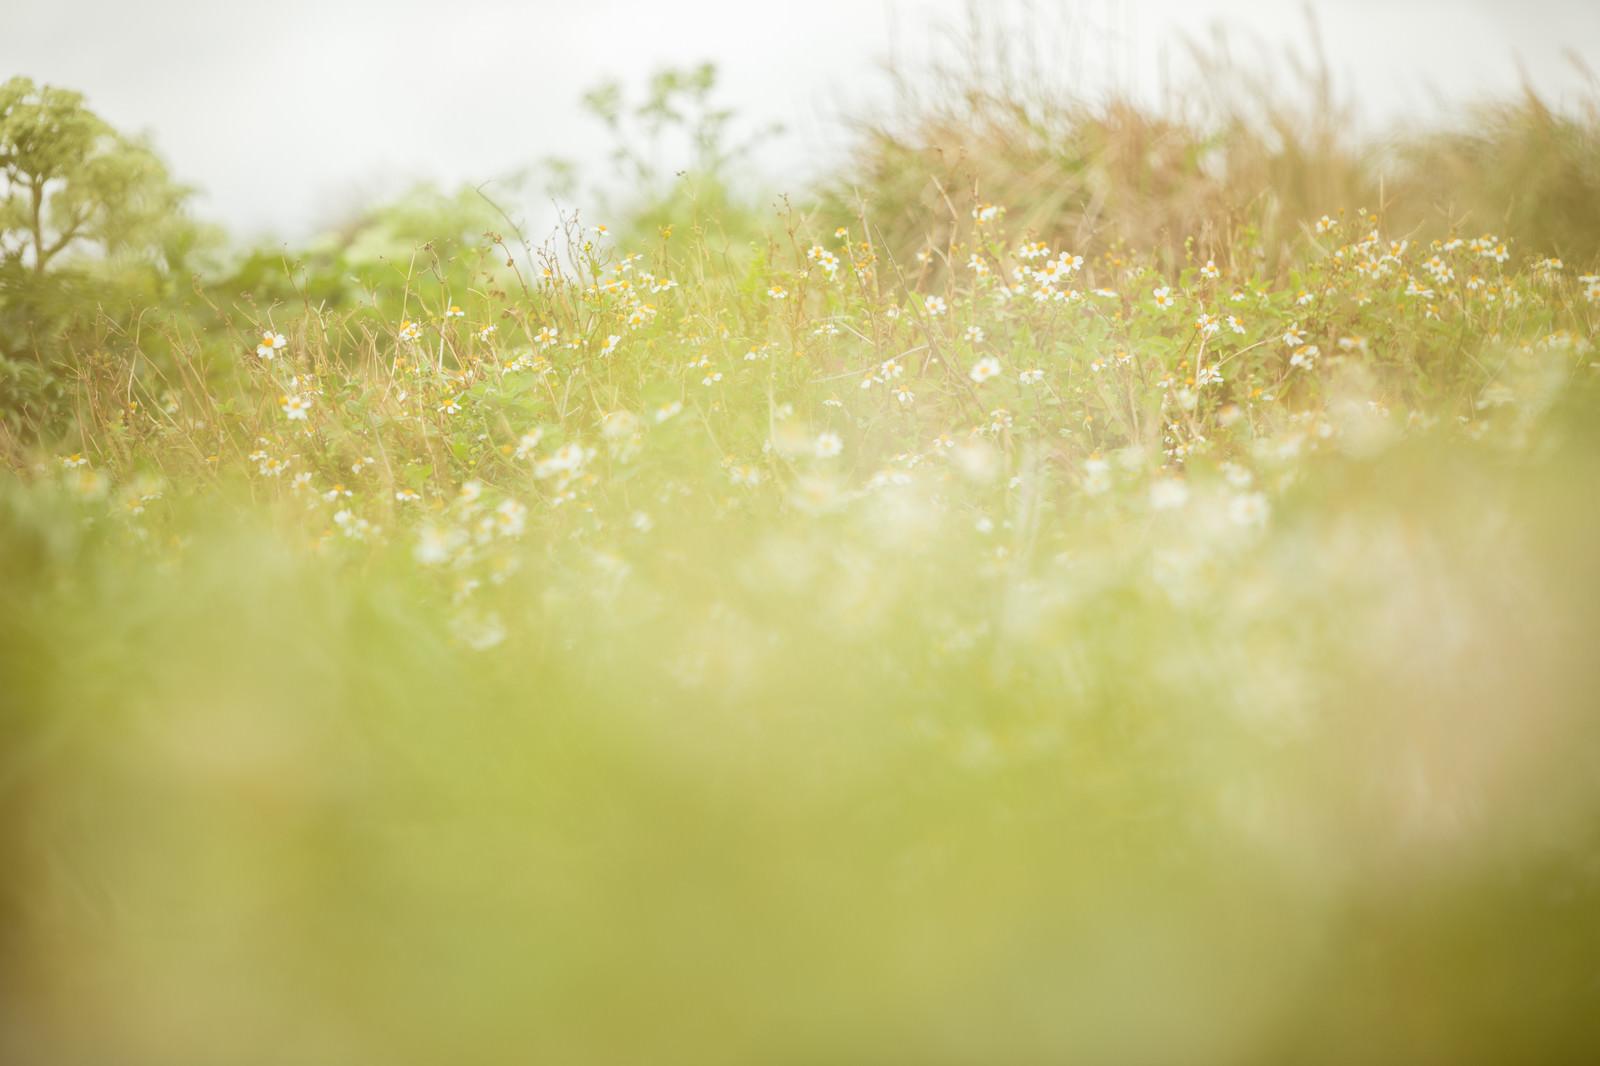 「やわらかな光と野草 | 写真の無料素材・フリー素材 - ぱくたそ」の写真